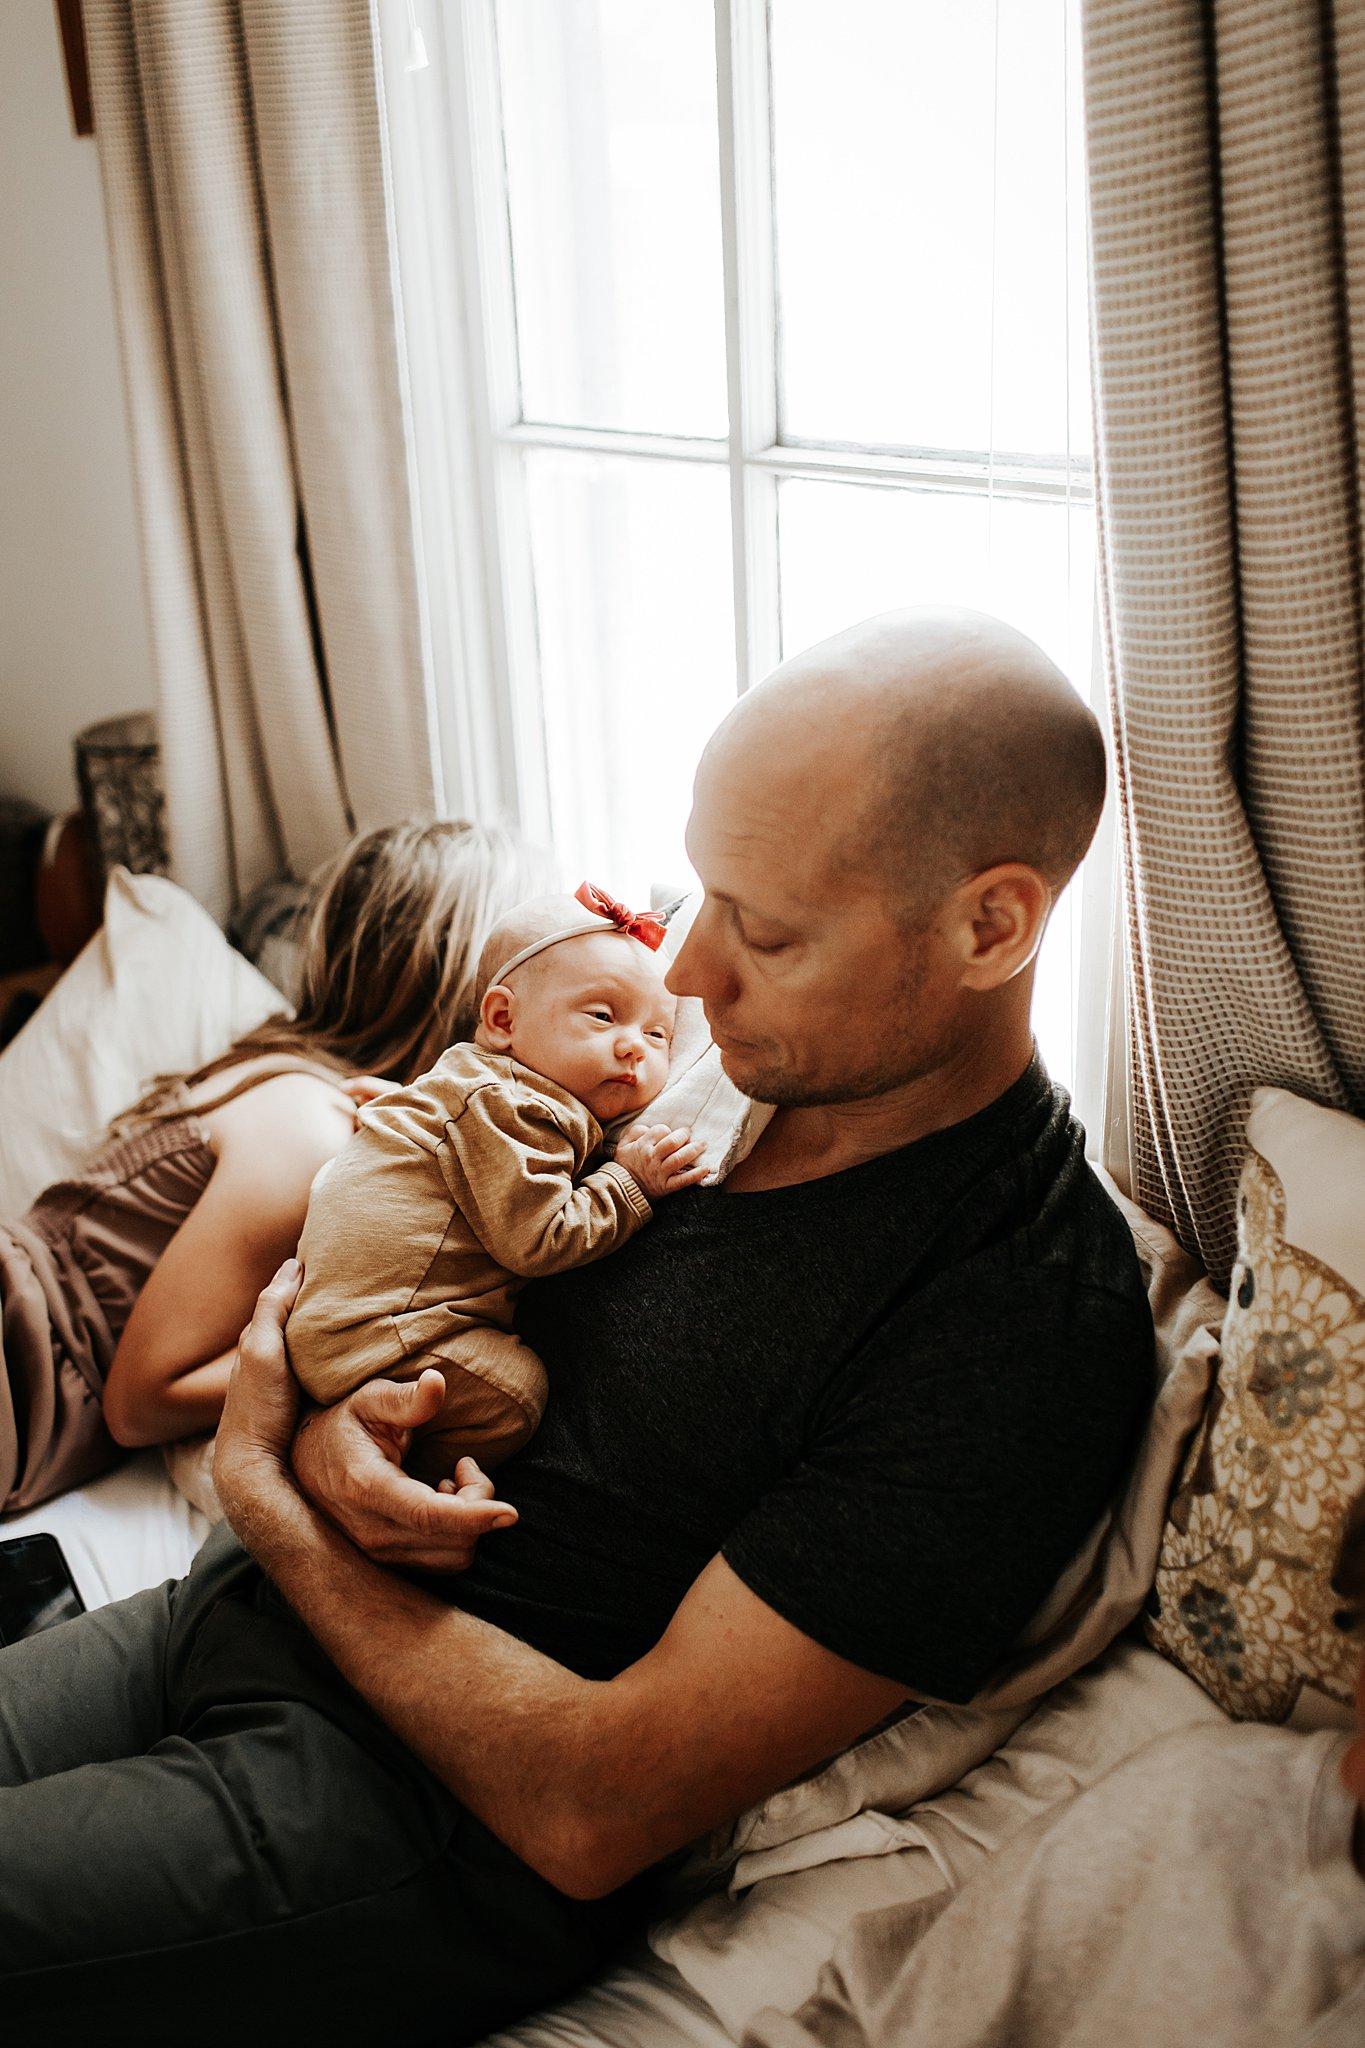 Kora-San-Antonio-Family-Photographer-57_WEB.jpg